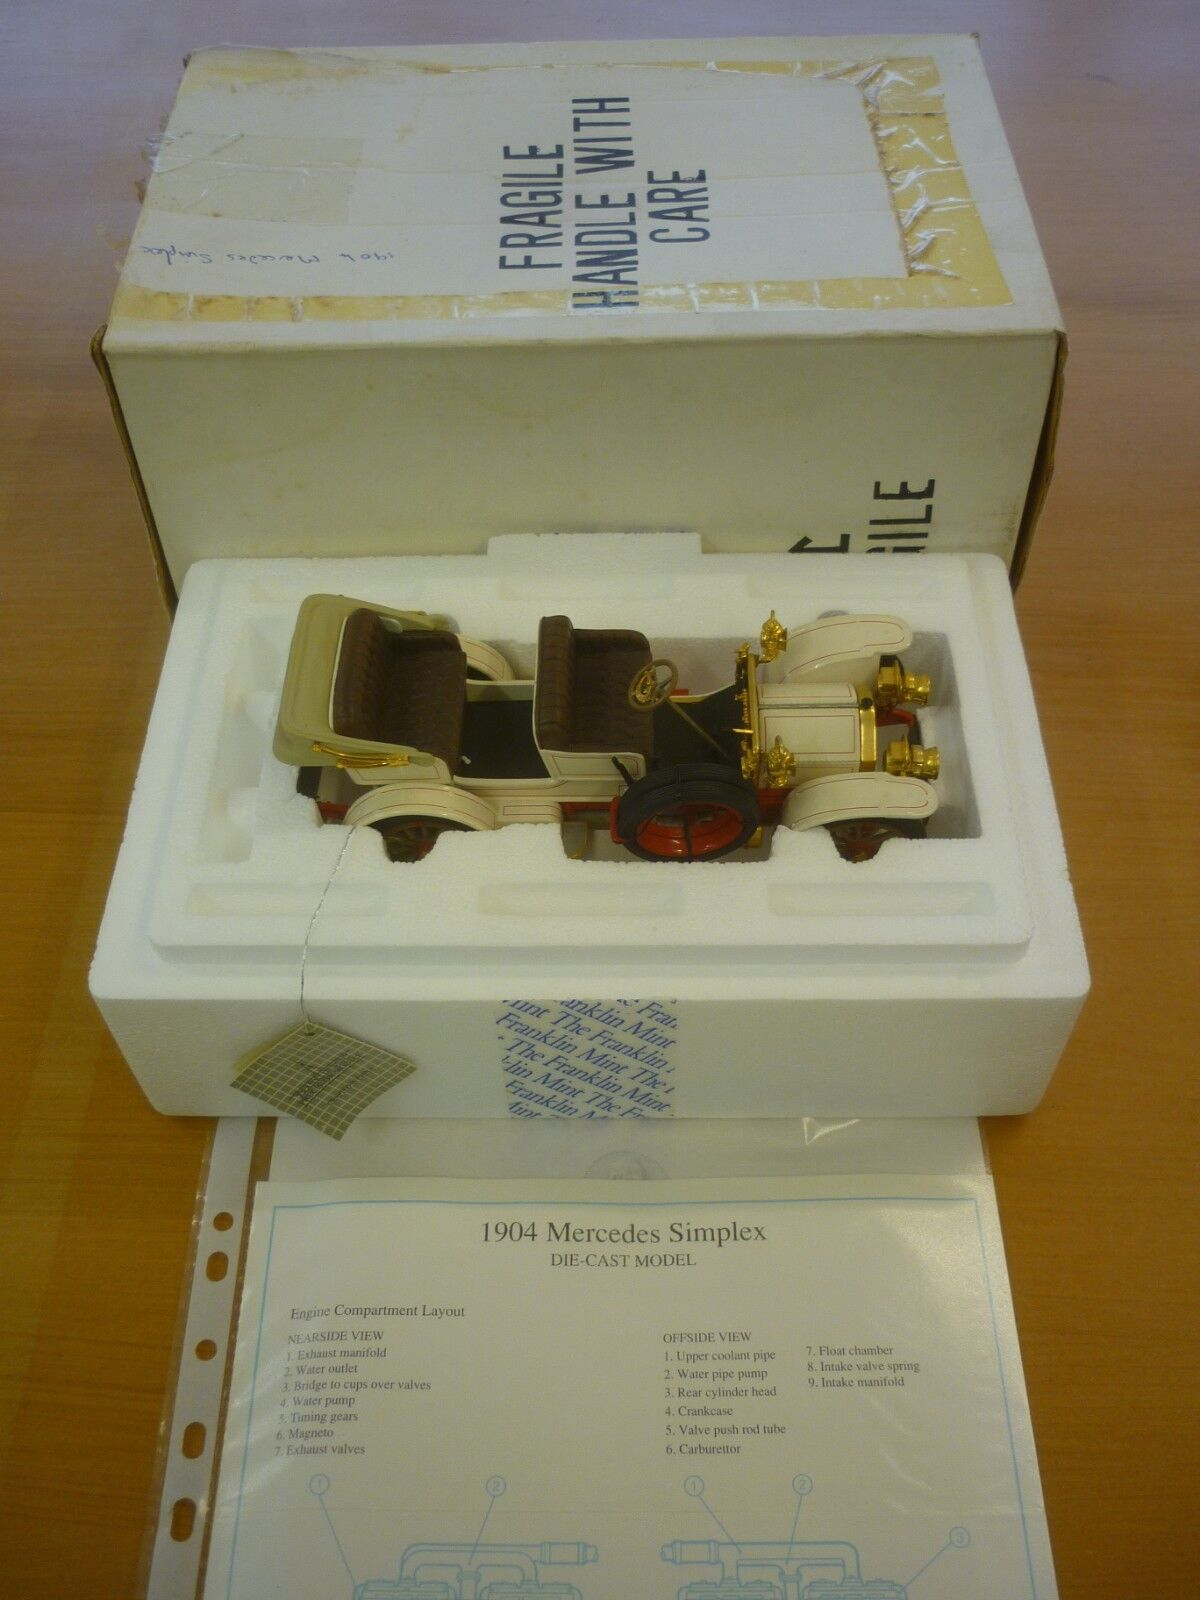 Die franklin - mint - modell einer 1904 mercedes simplex, papierkram, umzingelt